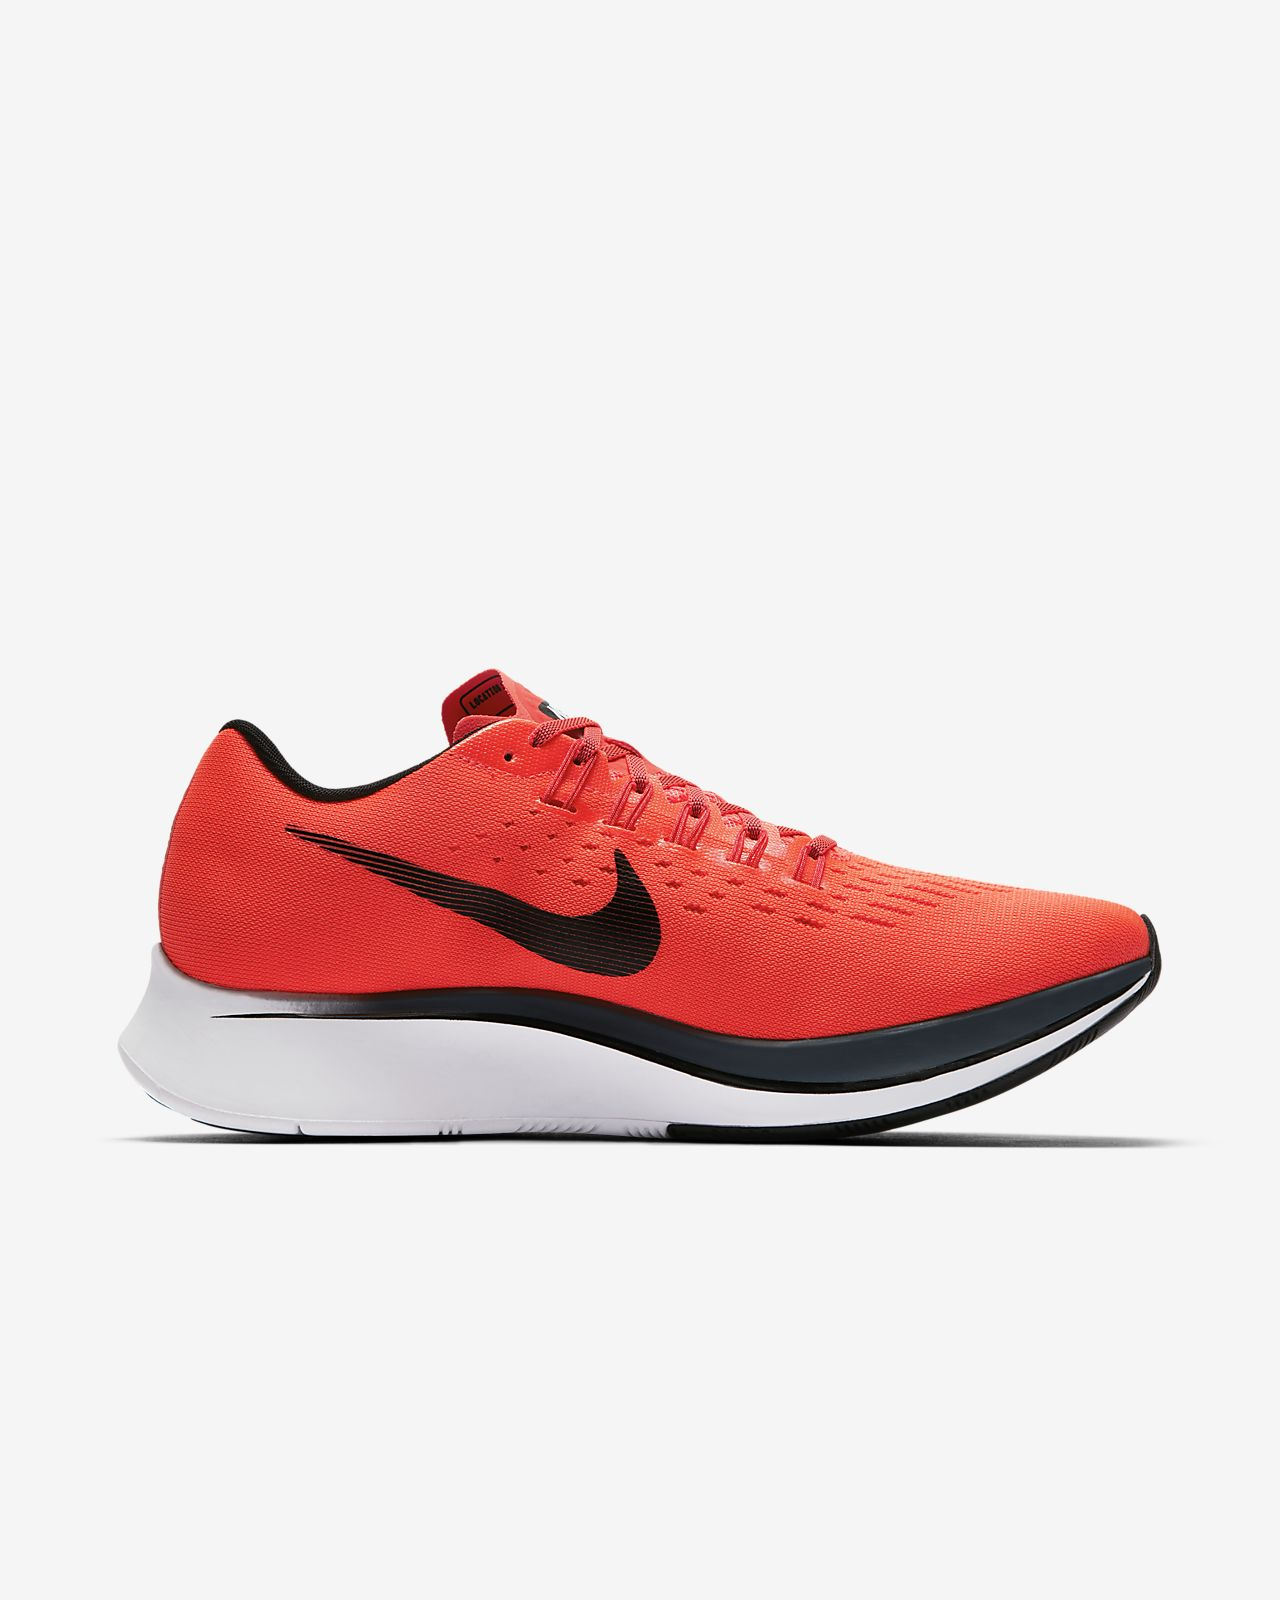 designer fashion dcc9b 7184b ... Calzado de running para hombre Nike Zoom Fly